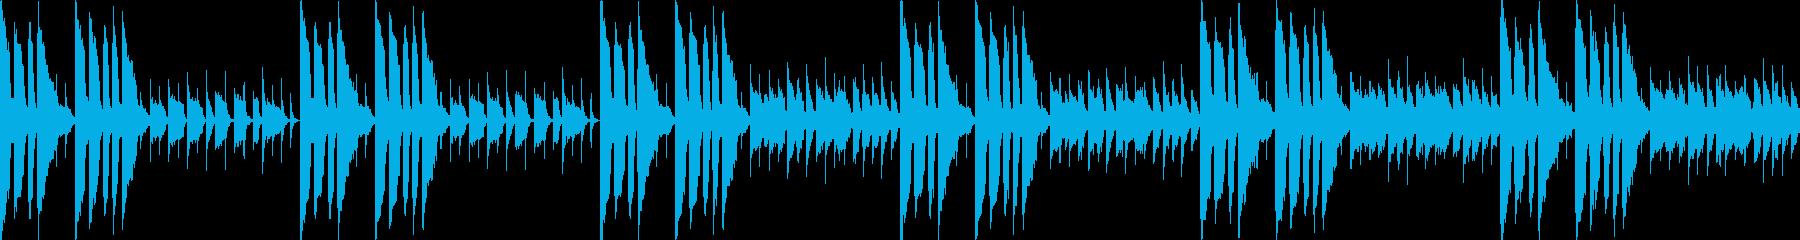 何かから解放されたな曲(ループ仕様)の再生済みの波形